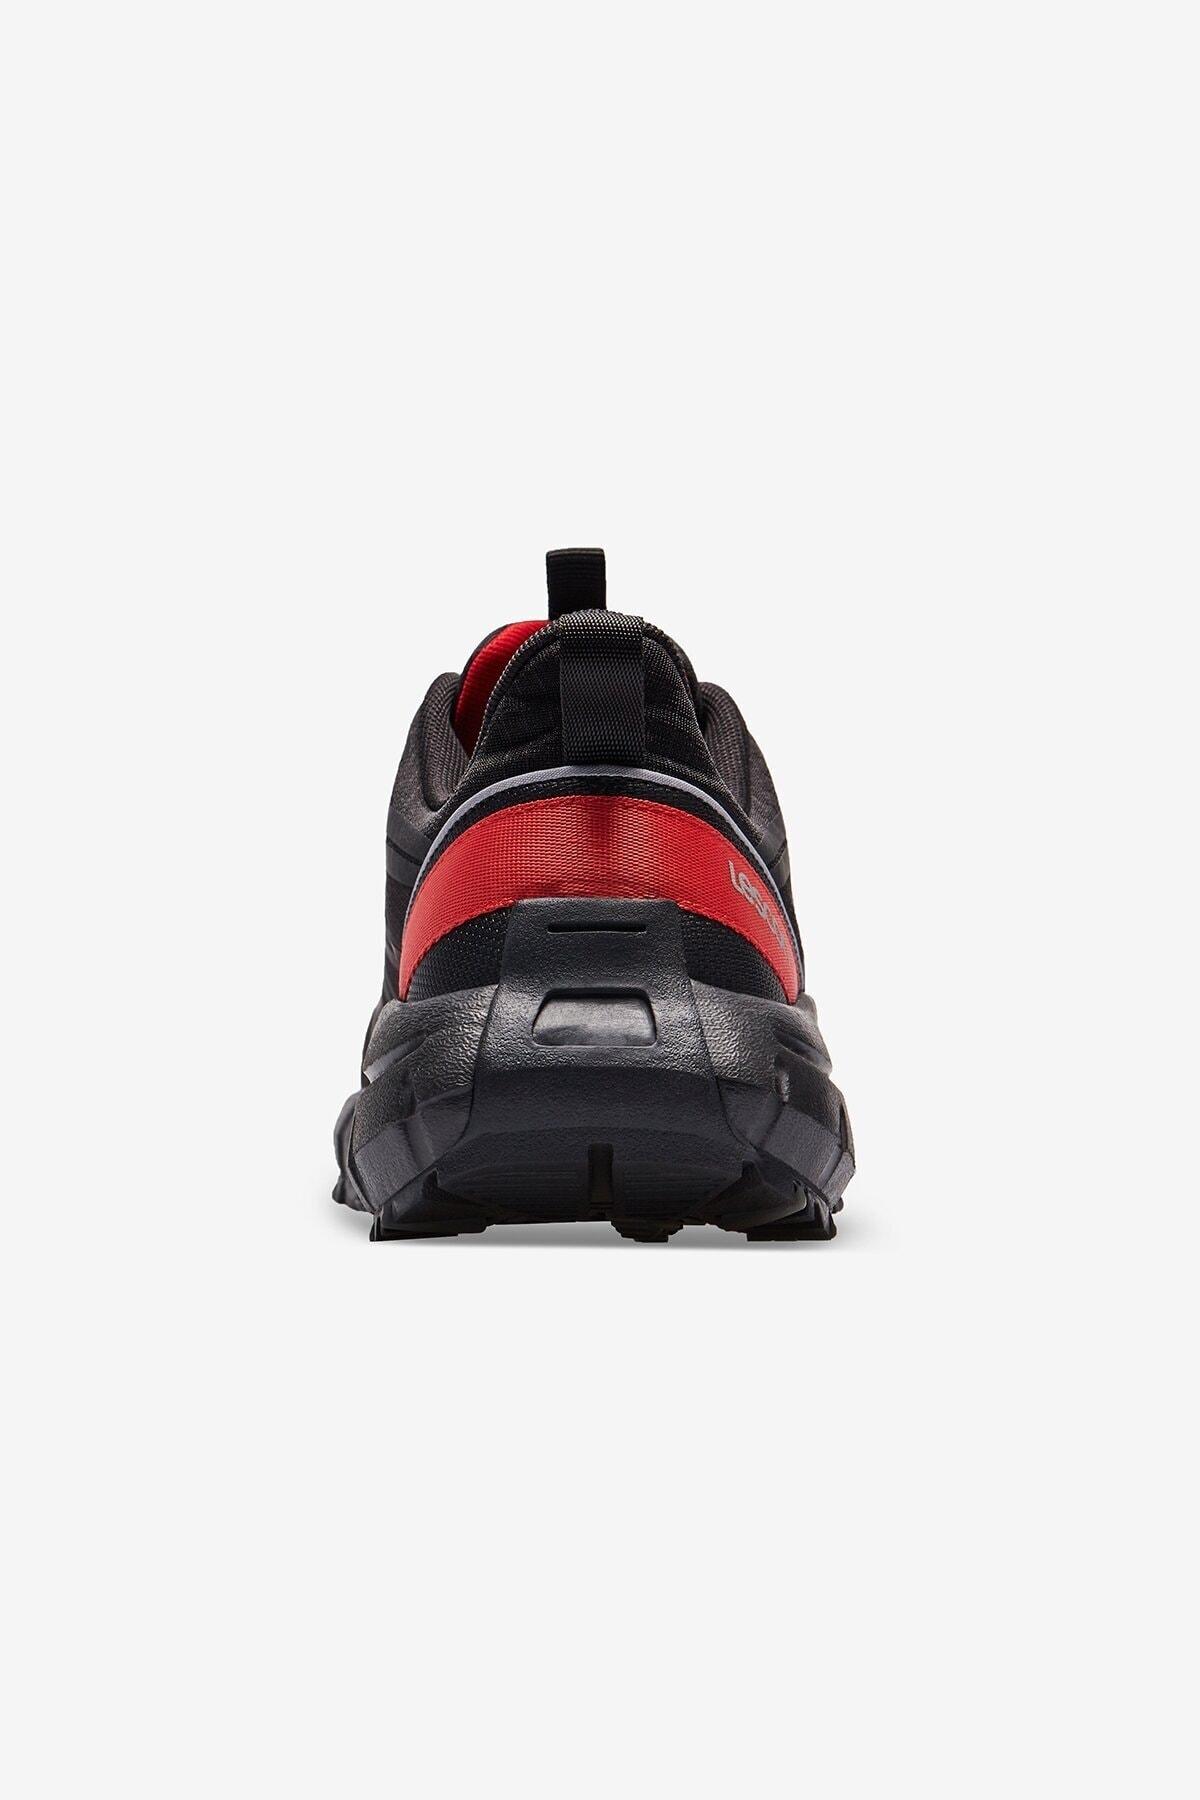 Lescon Spor Ayakkabı Easystep Drıft - Siyah - 40